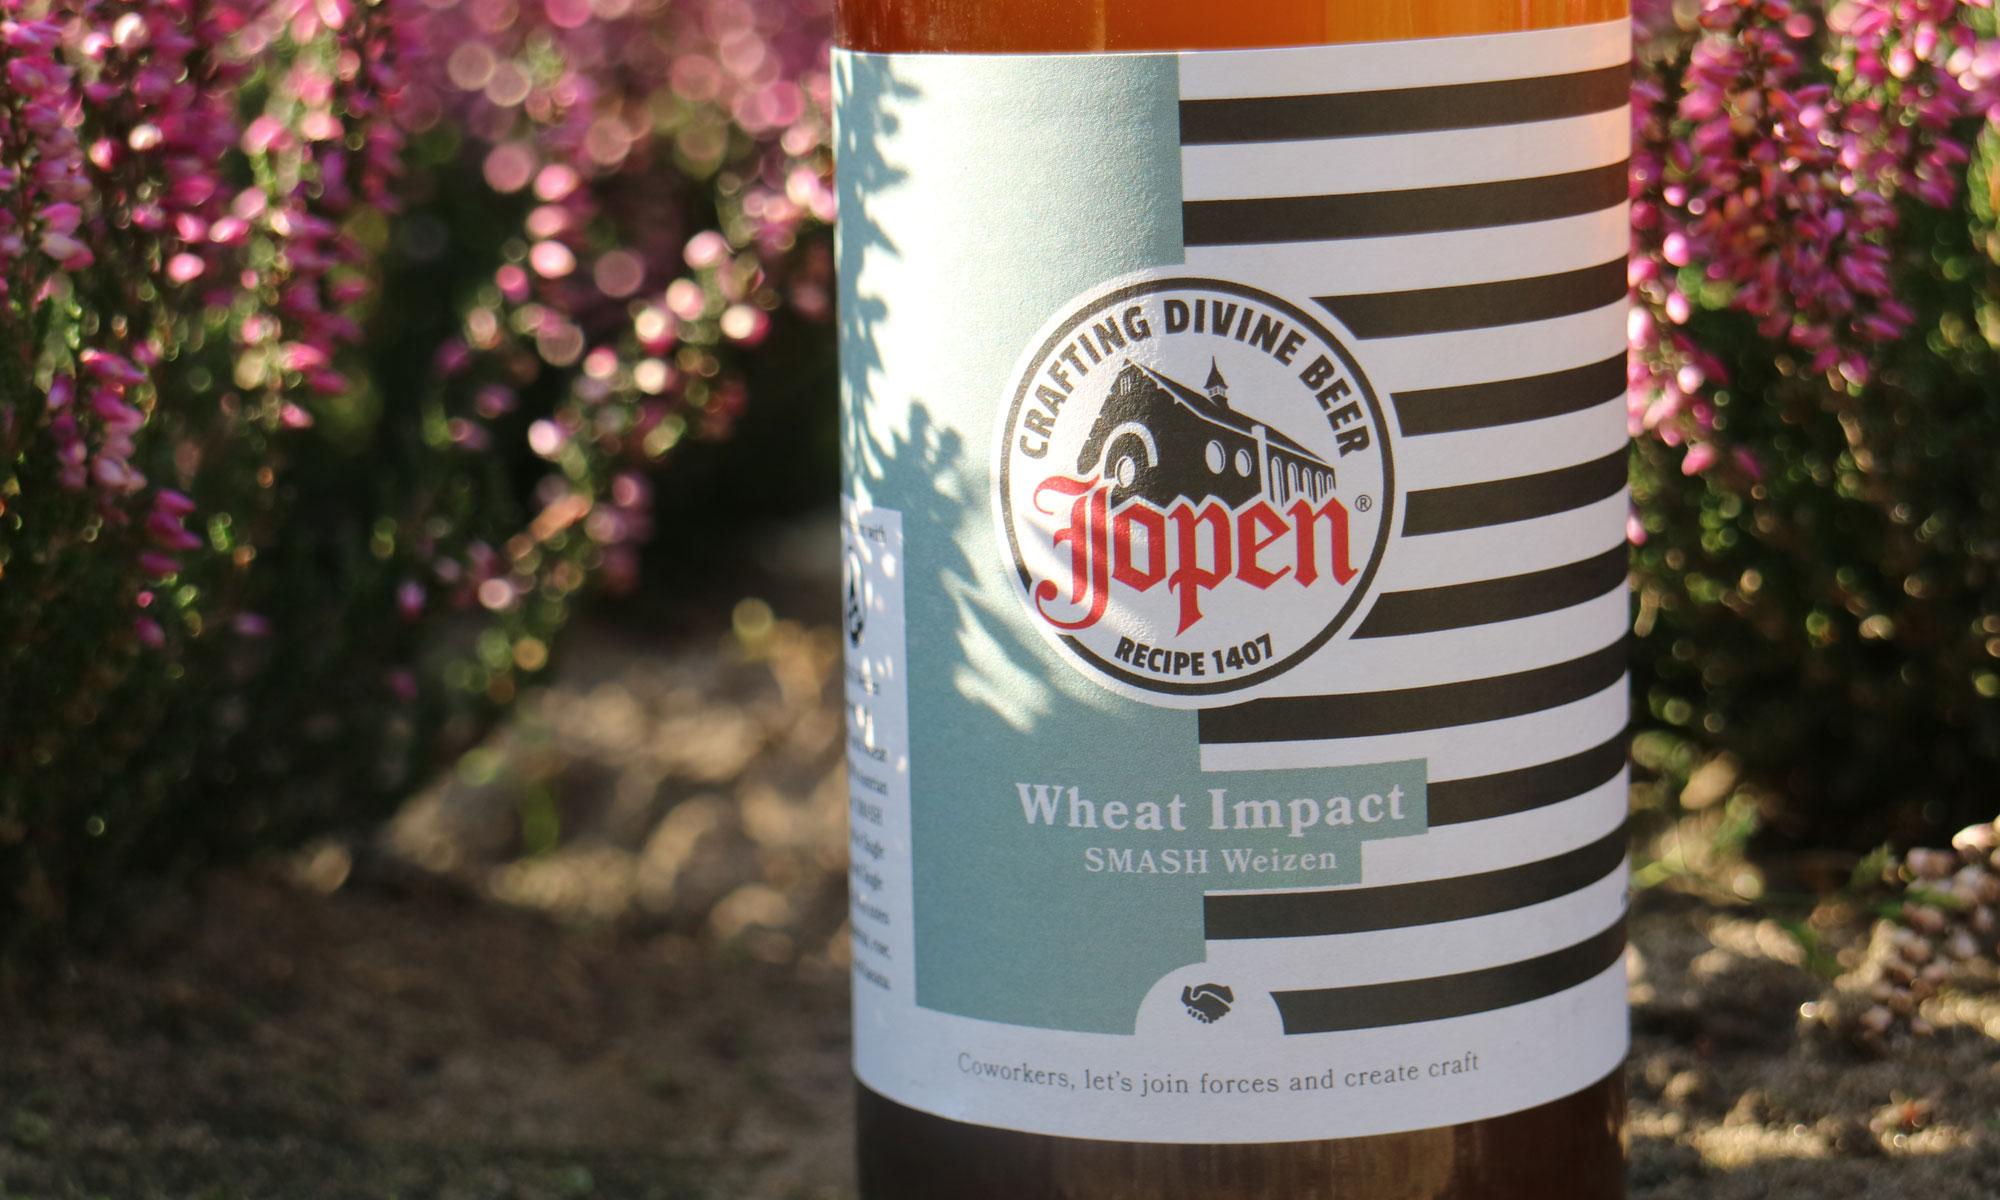 De Wheat Impact gebrouwen door Jopen en Brew Age